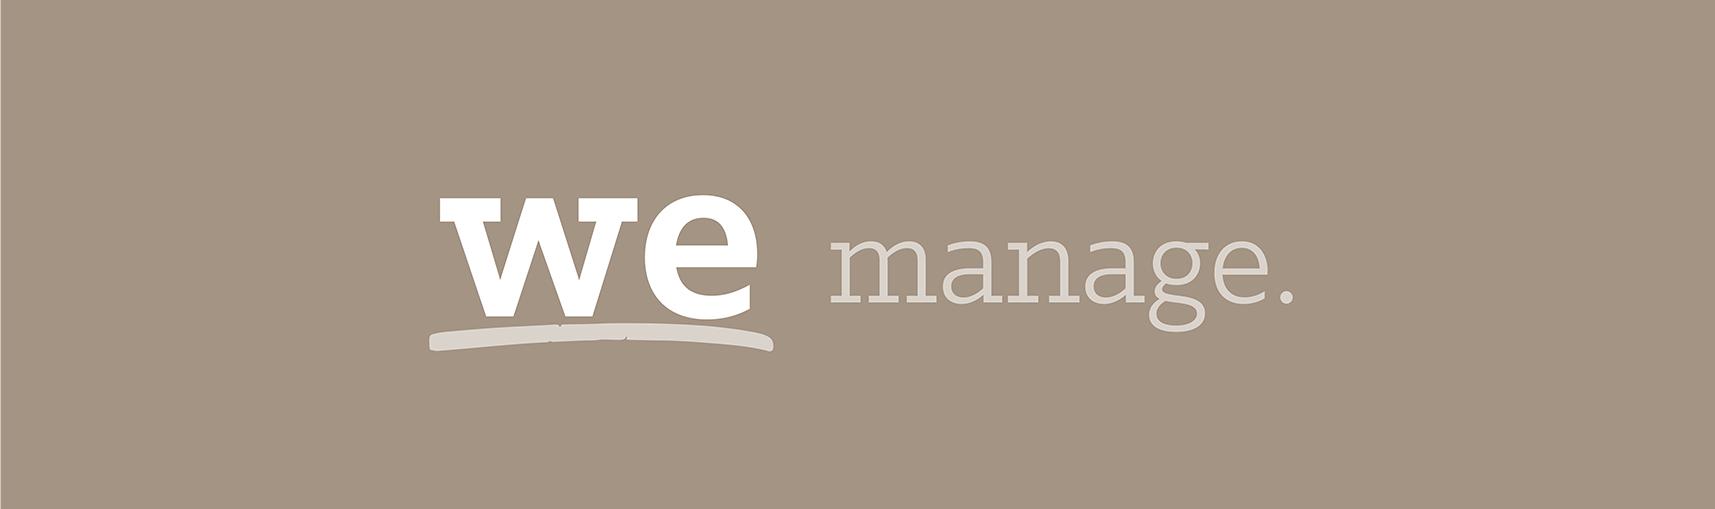 We Manage.